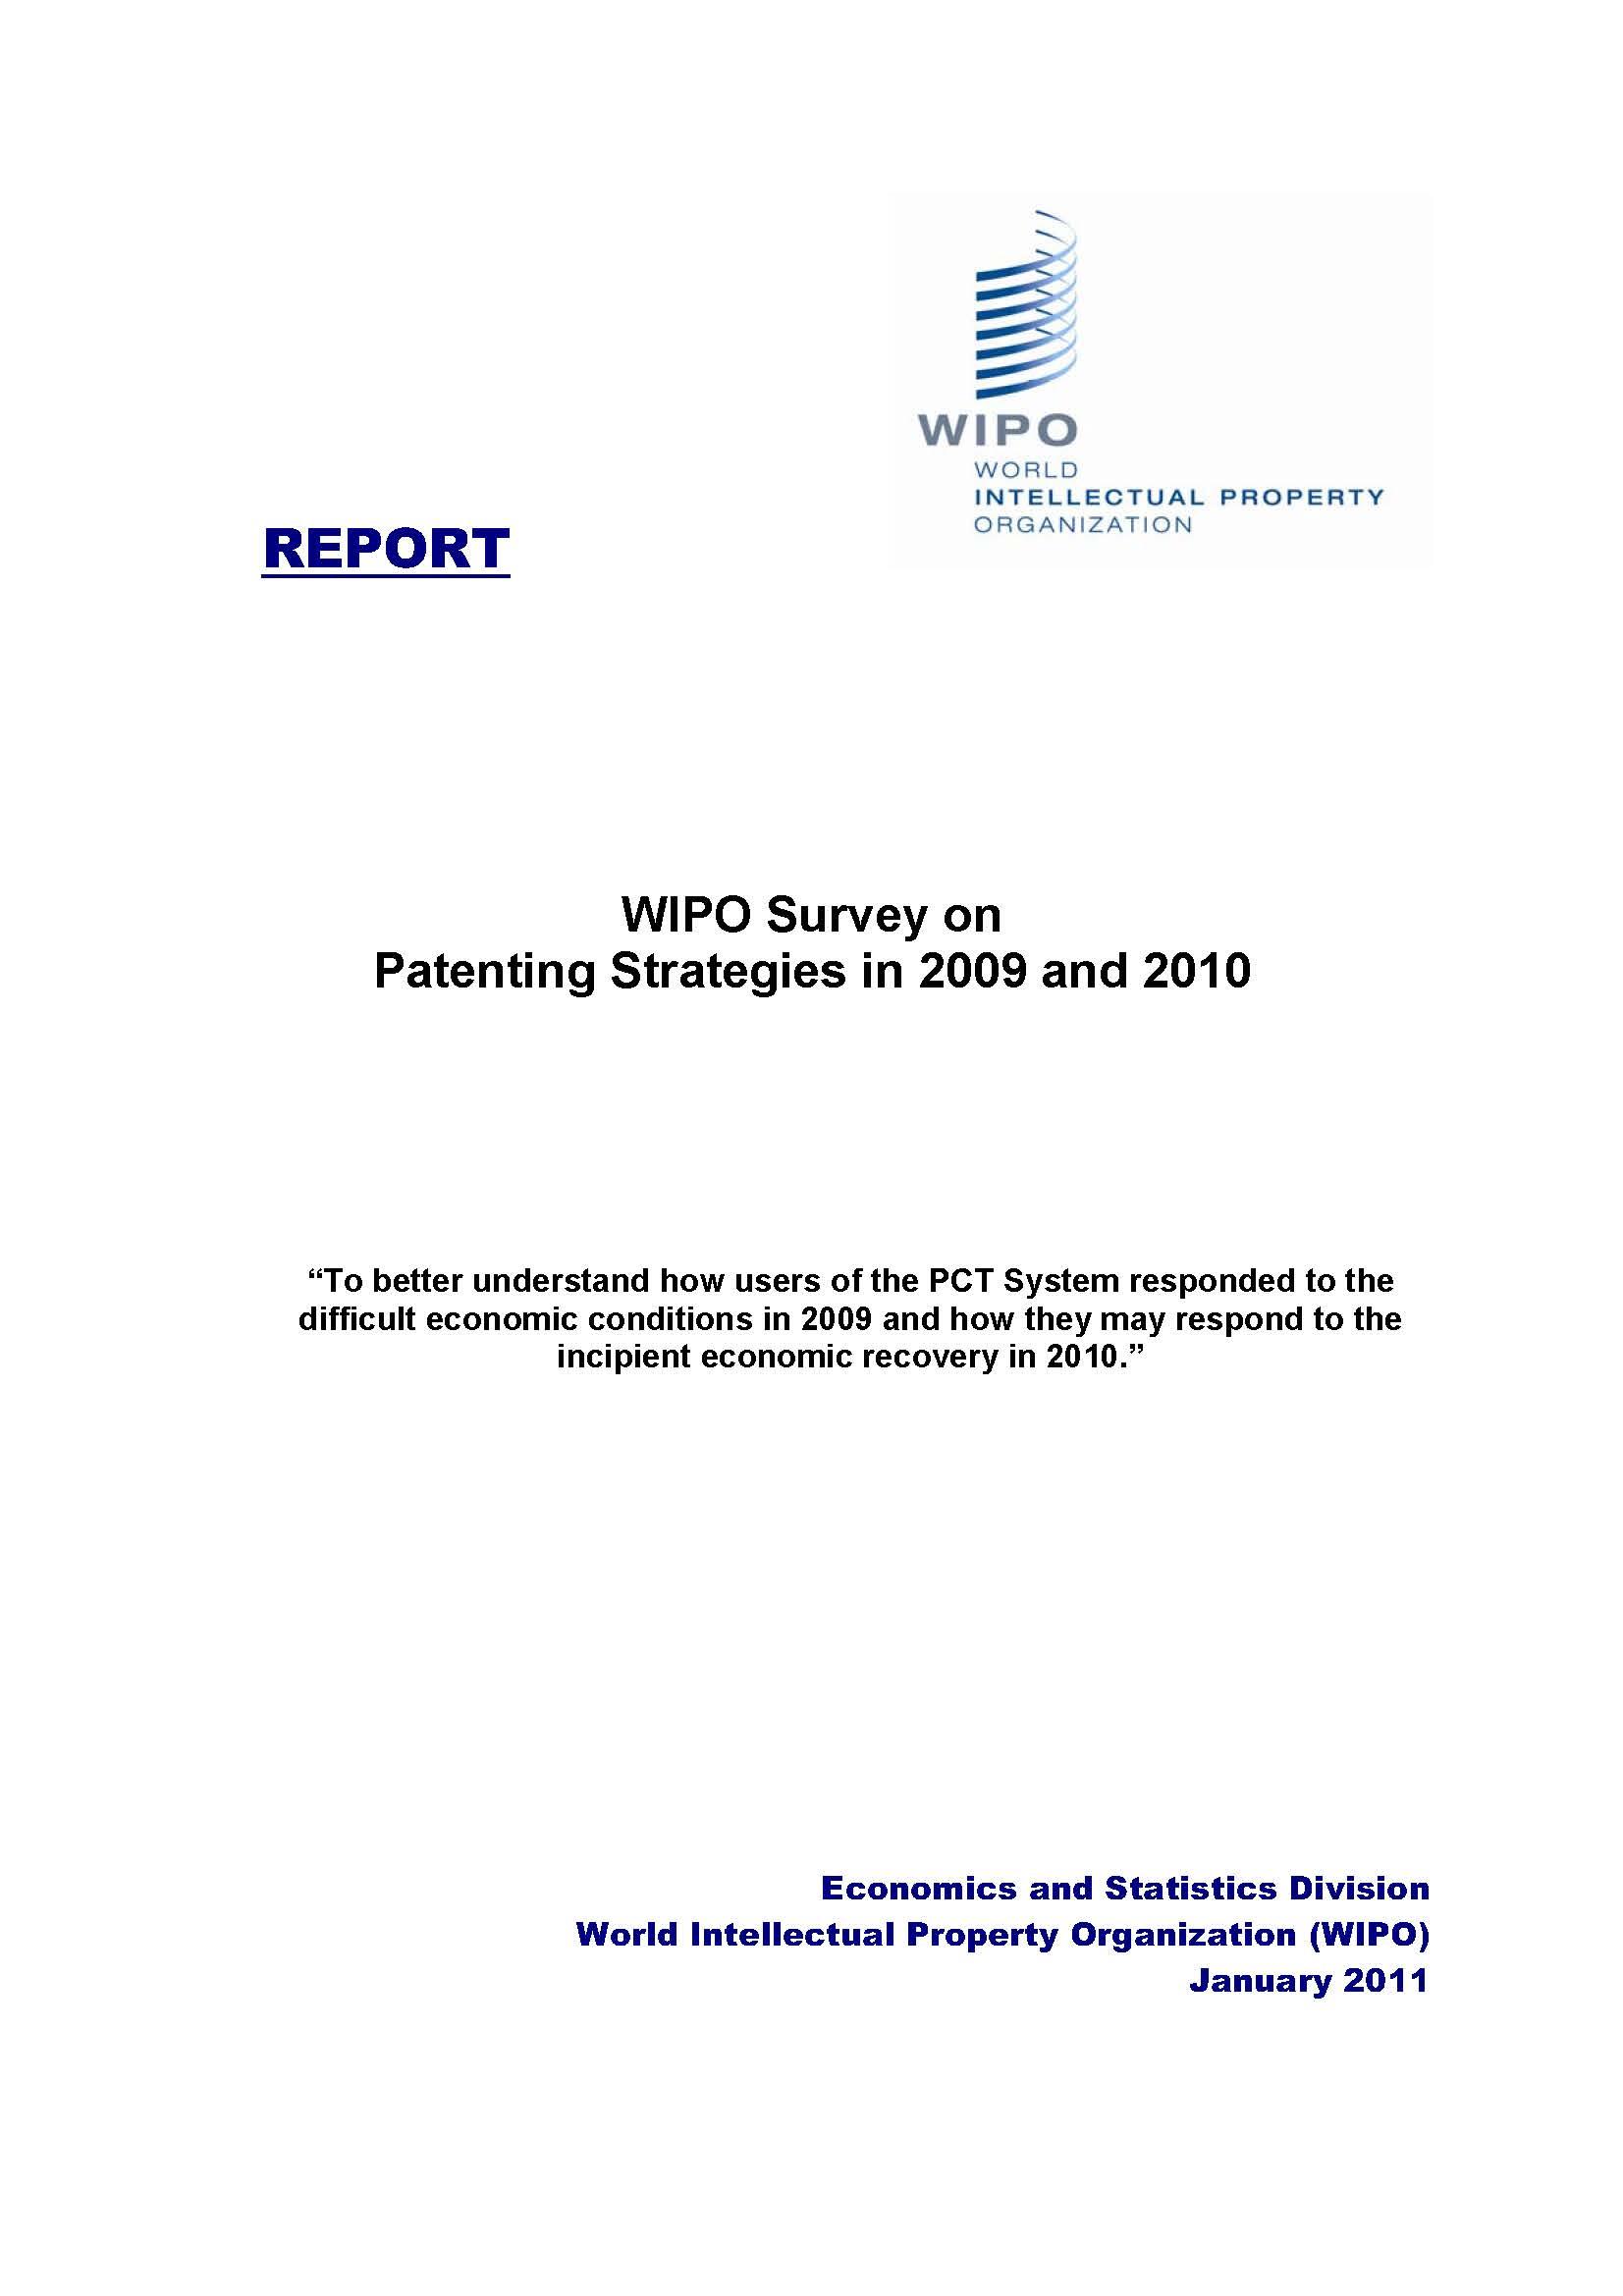 WIPO/PUB/ECONSTAT/SV1/EN